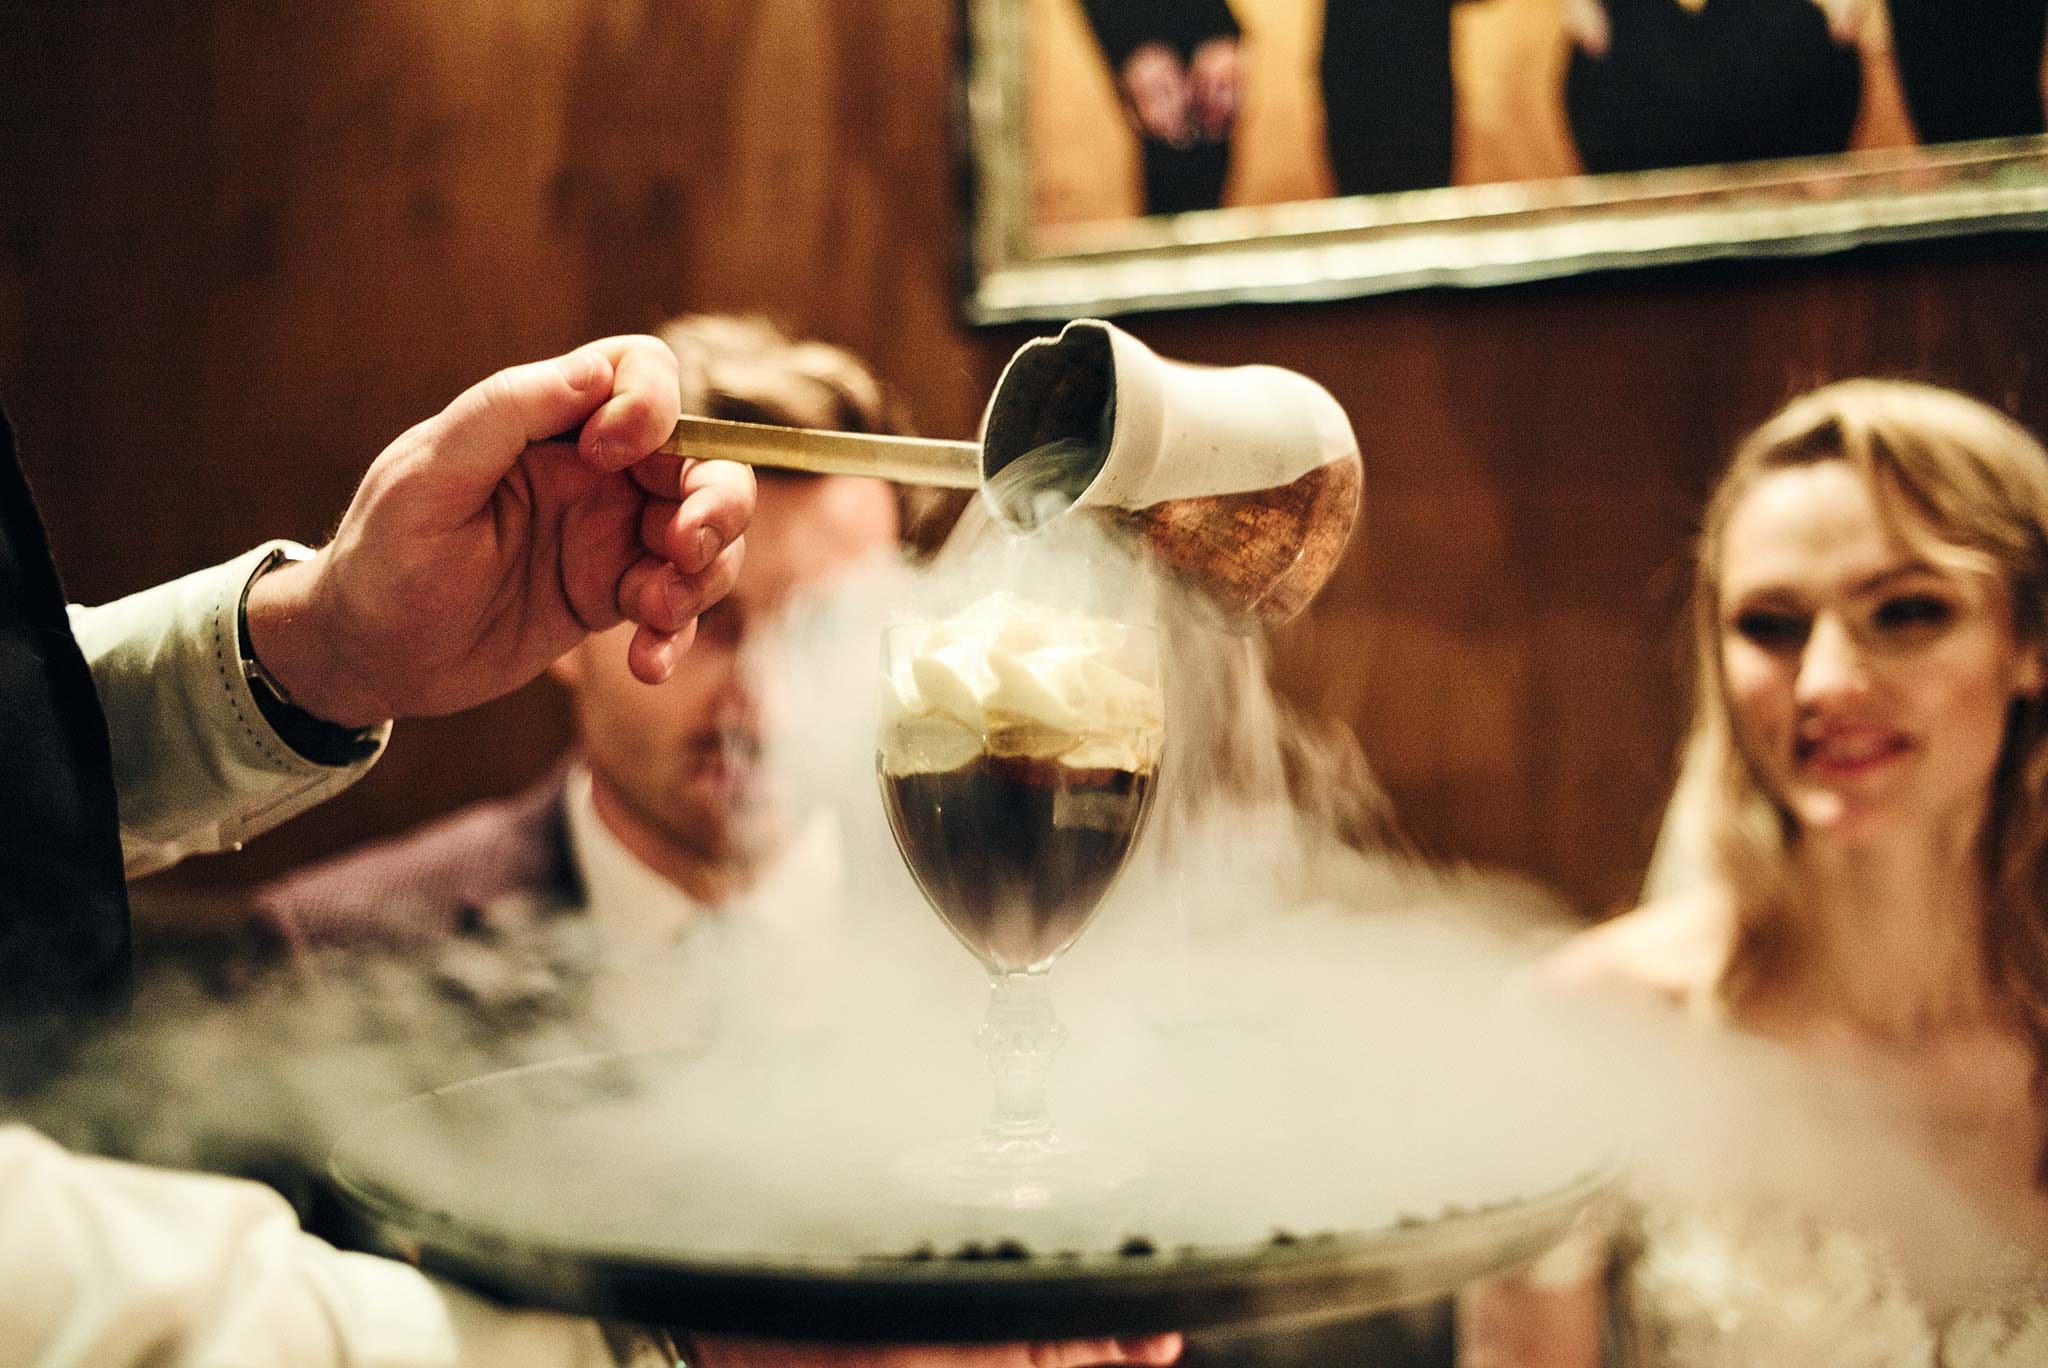 Melbourne-tour-bus-wedding-eau-de-vie-espresso-martini